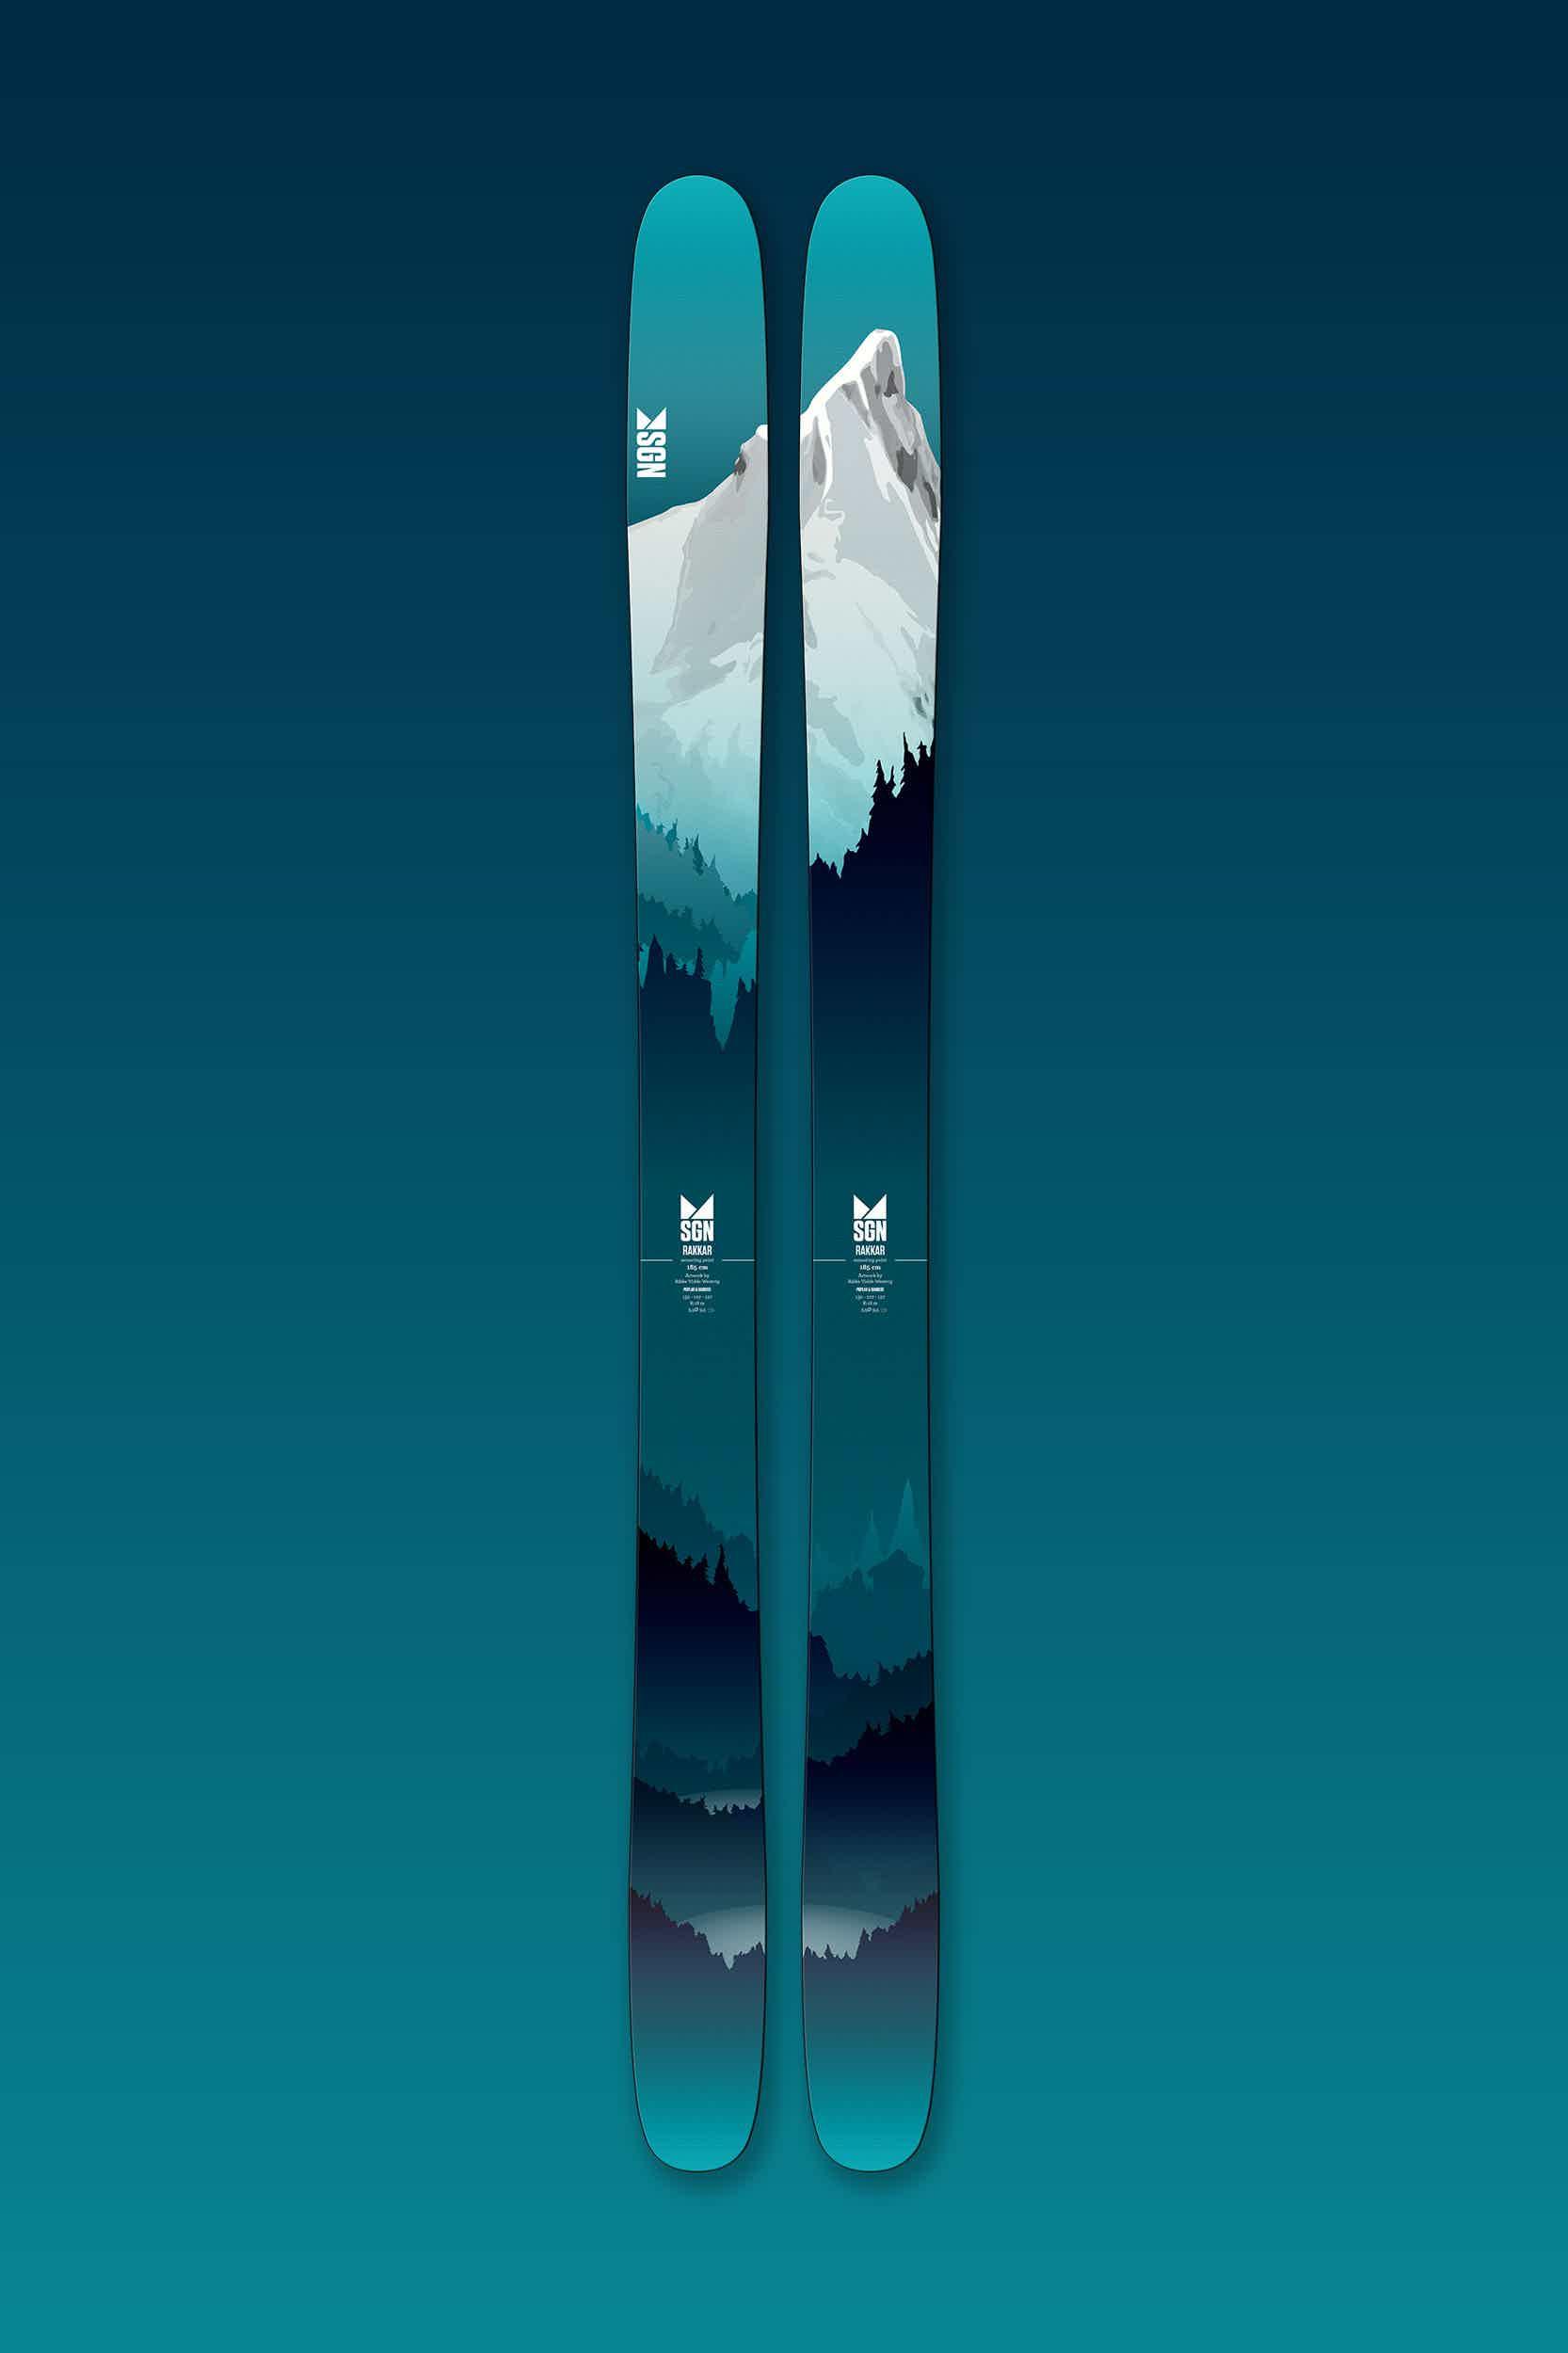 sgn skis Rakkar All mountain ski for bakke og topptur